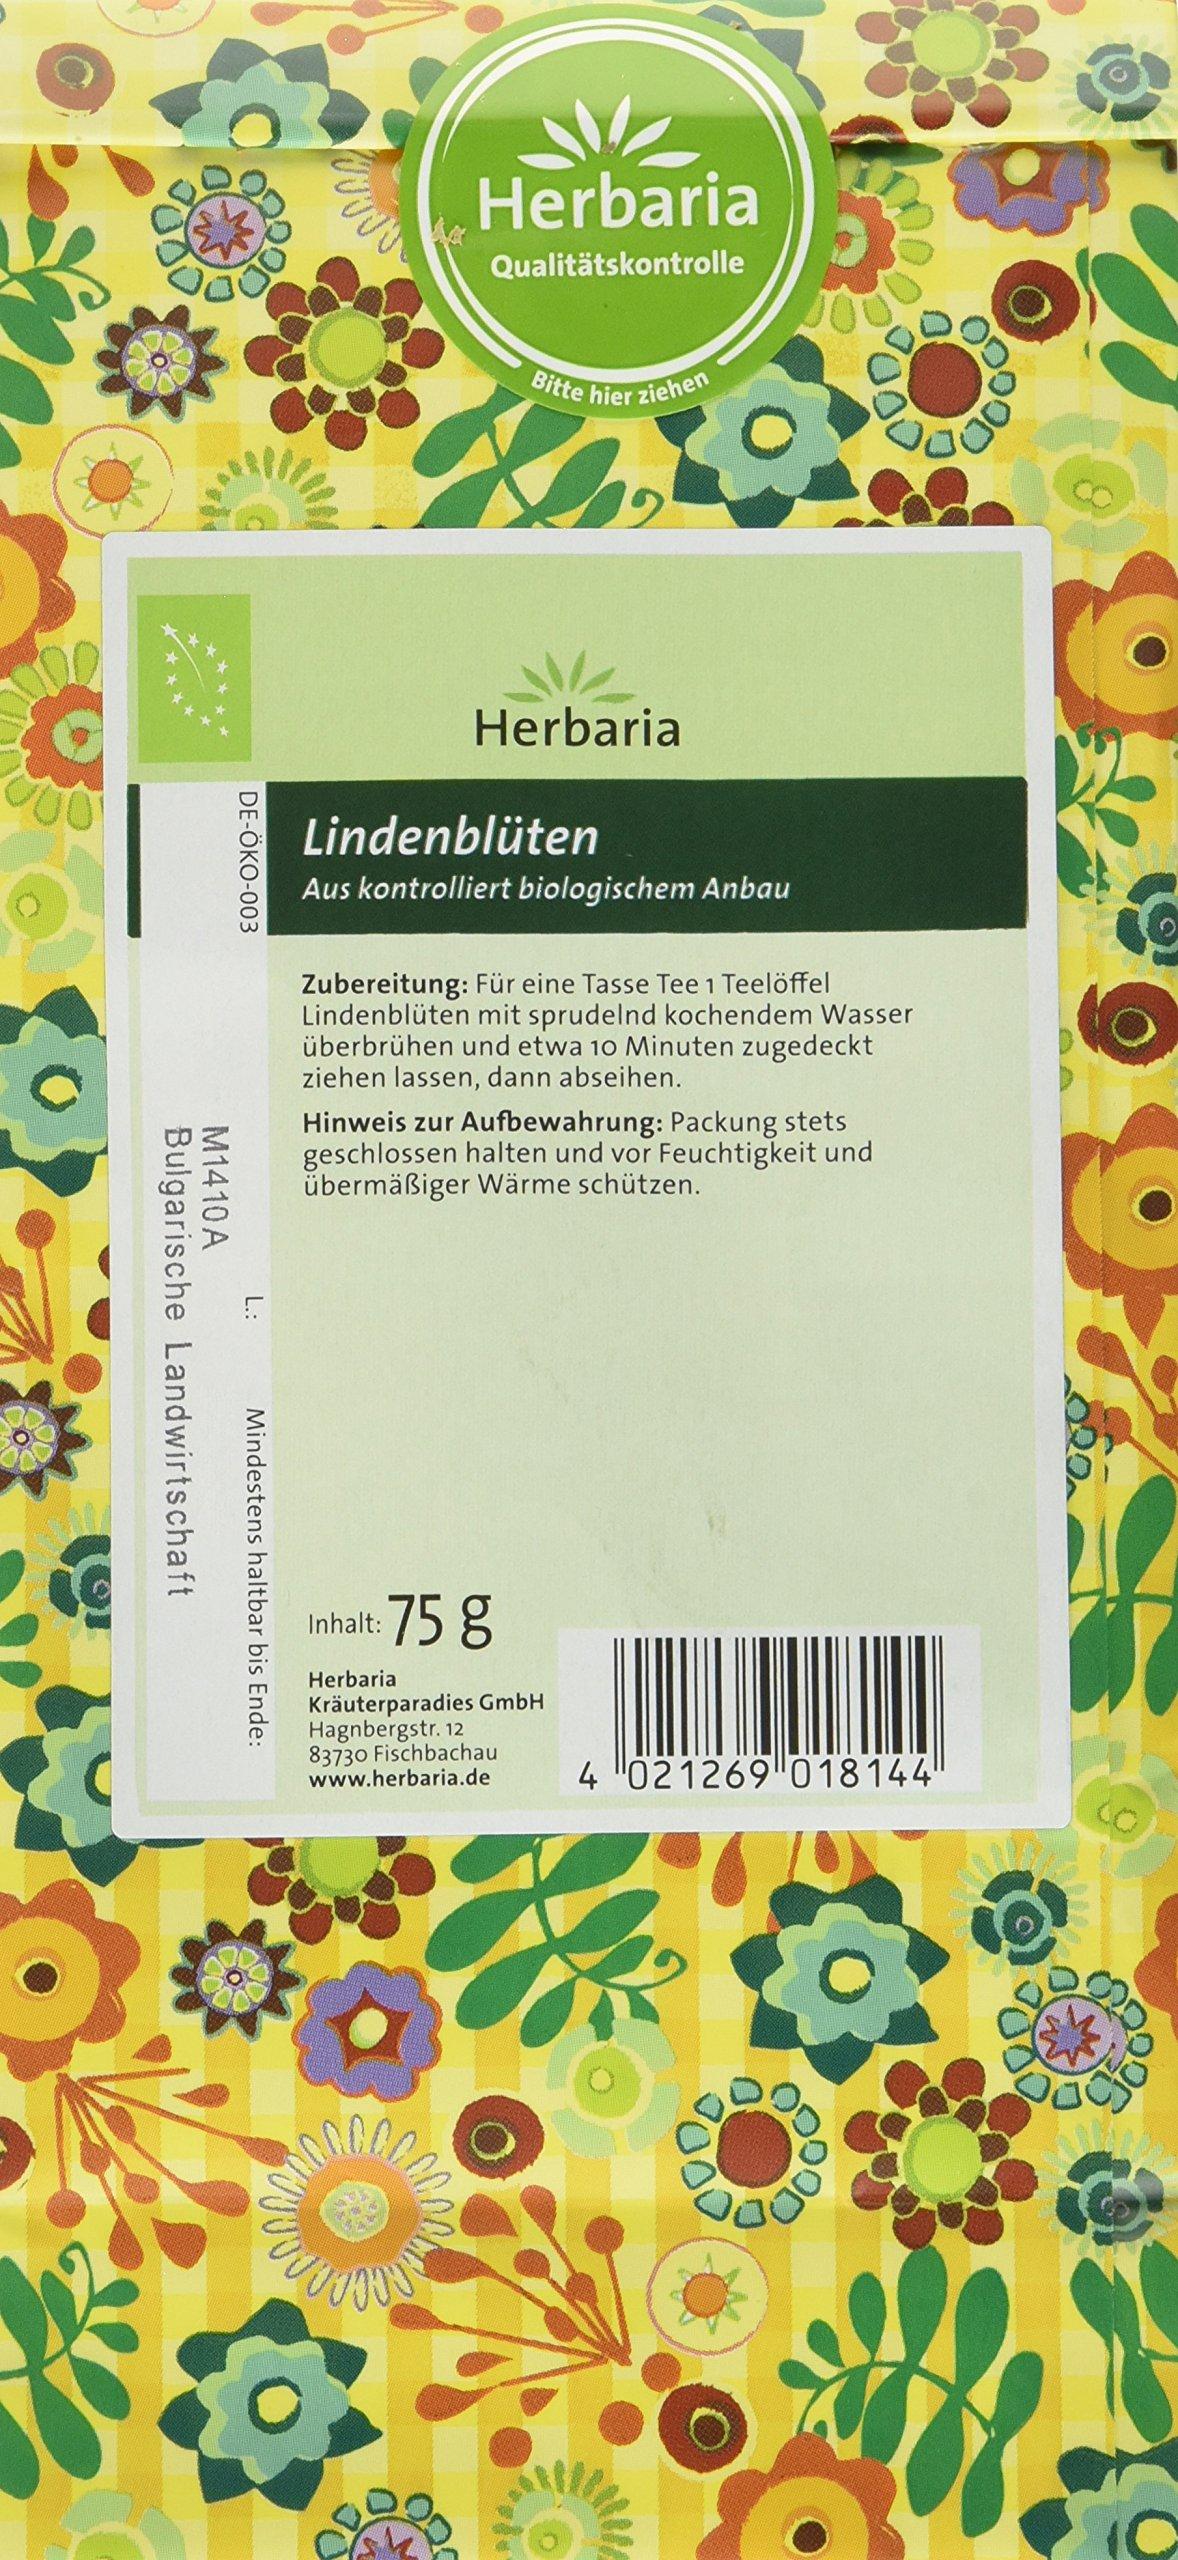 Herbaria-Lindenblten-1-x-75-g-Bio-parent